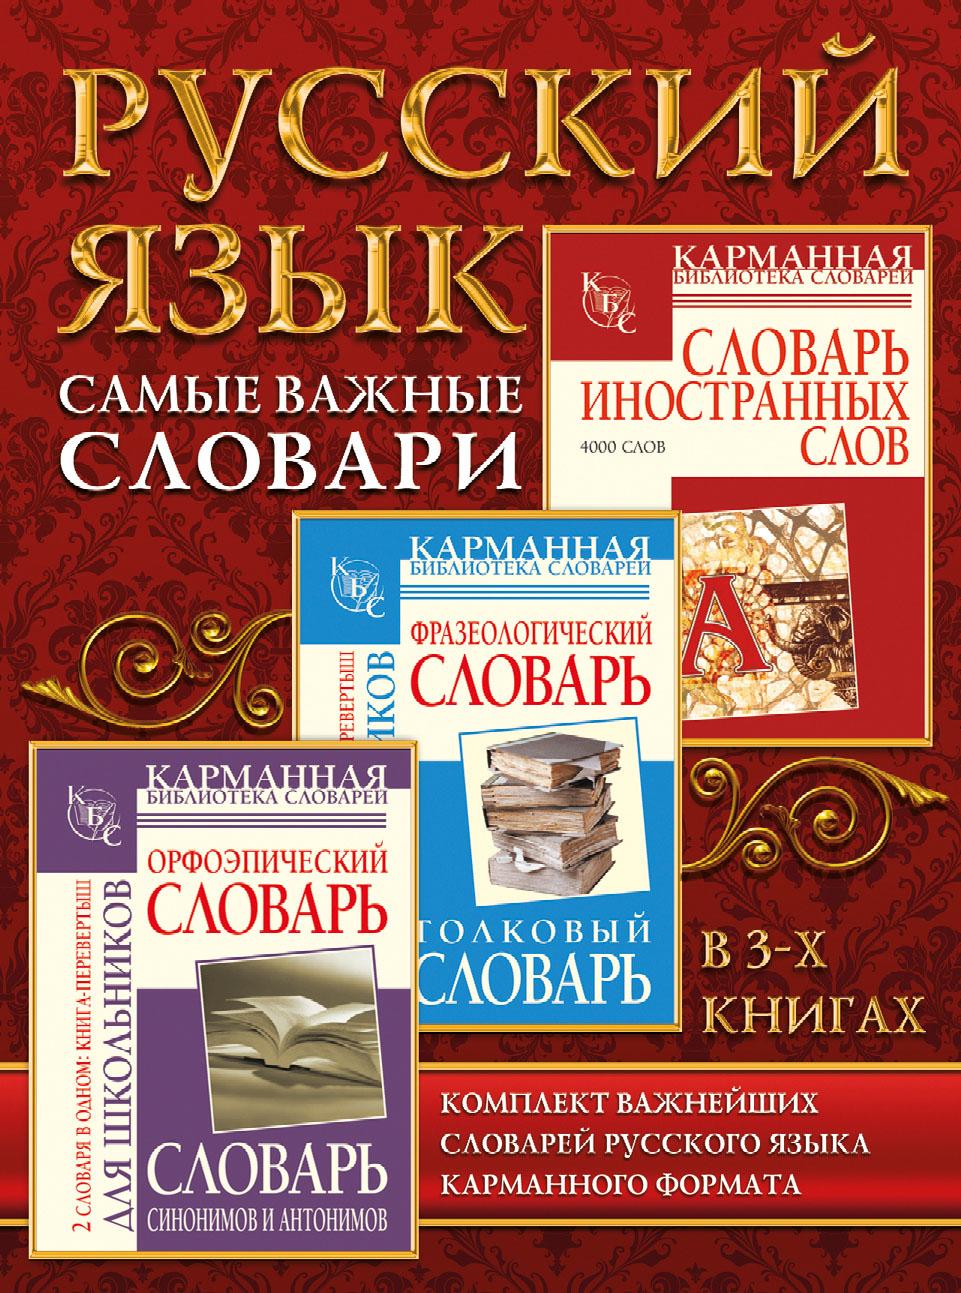 Словарь антонимов русского языка 25 фотография